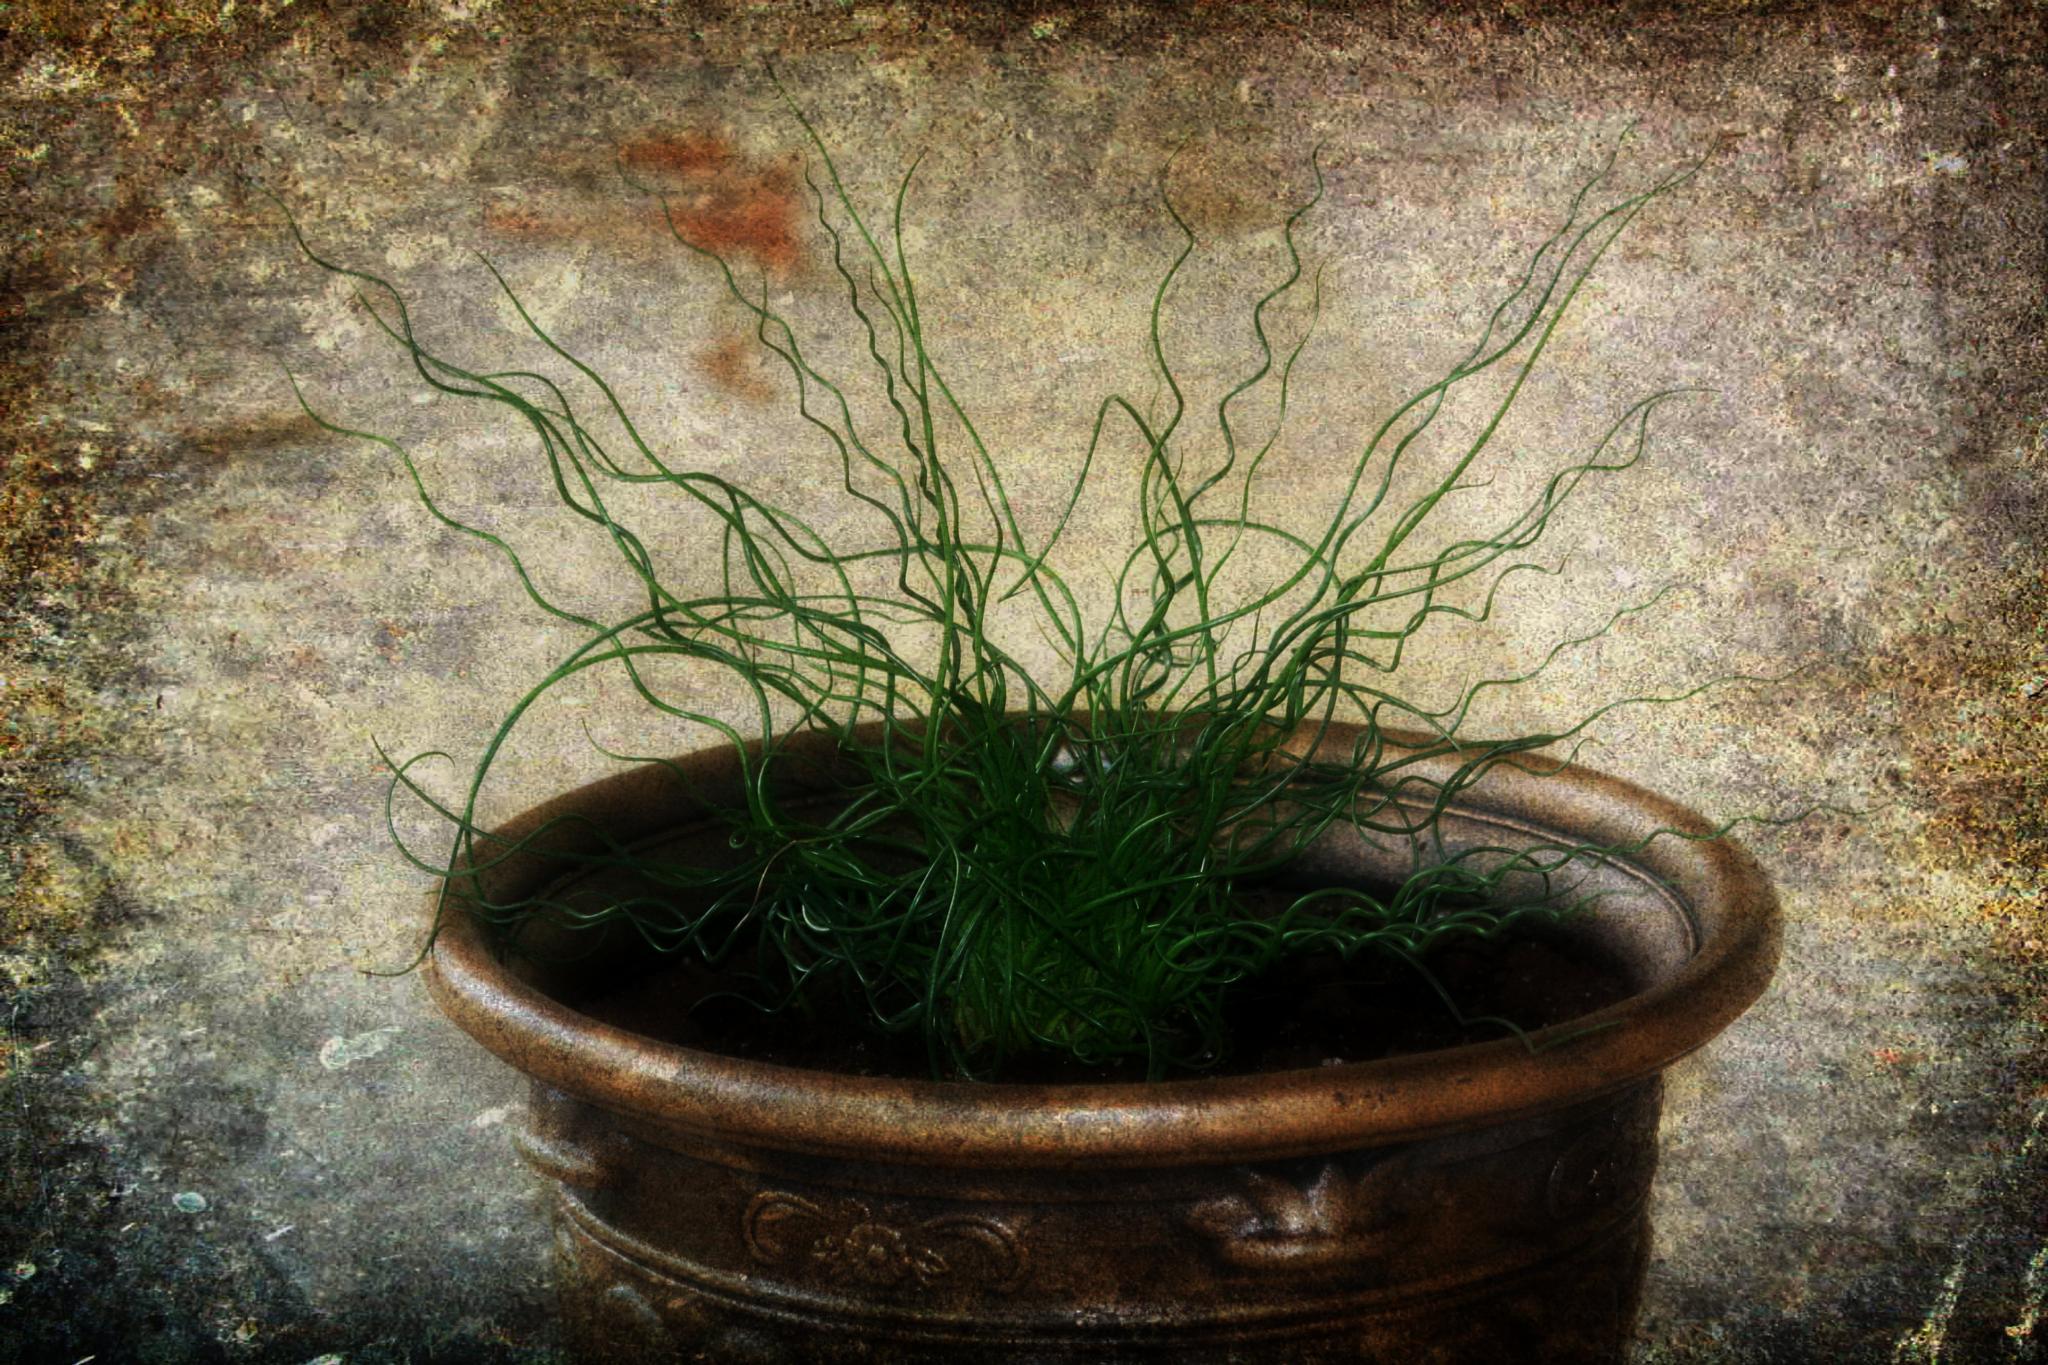 Pot of Curls by ginger.barritt